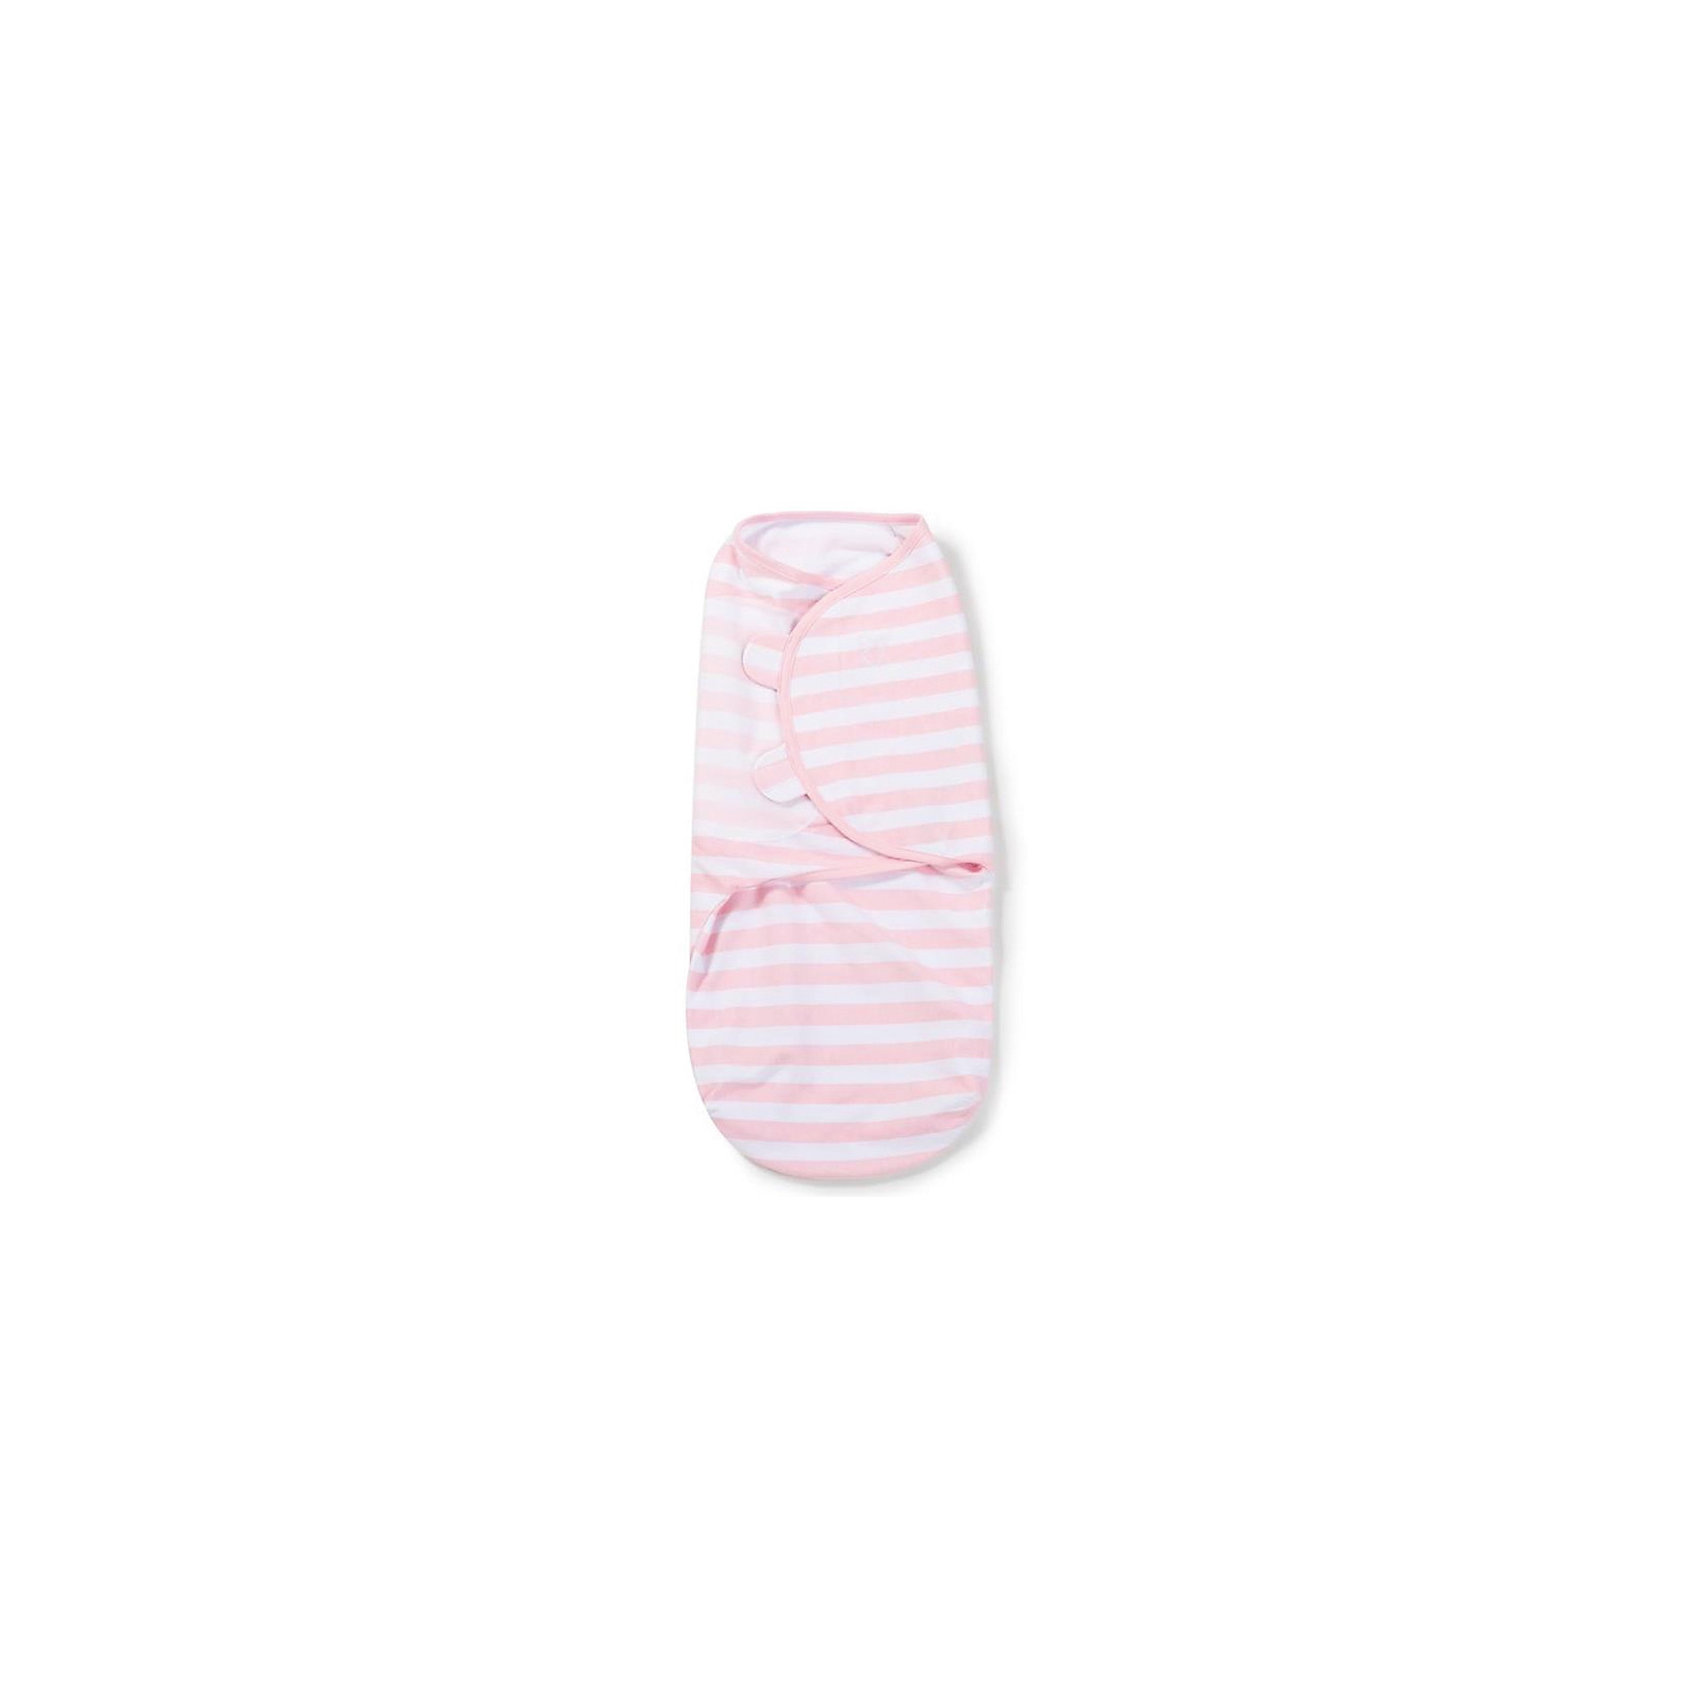 Конверт на липучке Swaddleme, размер S/M, Summer Infant,  розовый, полоскиПеленание<br>Характеристики конверта на липучке Swaddleme: <br><br>• конверт-мешок для детей первого года жизни;<br>• не сковывает движения ребенка;<br>• снижает рефлекс вздрагивания;<br>• конверт оснащен крыльями, малыш не сможет «освободиться» во время движений ручками;<br>• объятия крыльев регулируются по мере роста ребенка;<br>• тип застежки: липучки;<br>• отверстие в области ног ребенка для смены подгузника;<br>• размер конверта: S/M;<br>• длина конверта: 55 см;<br>• рост ребенка: 56-62 см;<br>• вес ребенка: 3-6 кг;<br>• возраст ребенка: от рождения до 3-х месяцев;<br>• состав ткани: 100% хлопок.<br><br>Конверт-мешок на липучке позволяет деткам первого года жизни вести себя спокойнее во сне, снижает рефлекс вздрагивания, при этом конверт не сковывает движений ребенка. Ручки обтянуты мягкими эластичными «крыльями» конверта, а ножками ребенок может легко теребить. Регулируемые объятия крыльев дают возможность подгонять размер конверта в зависимости от его роста и веса. Отверстие конверта в области ножек малыша дает возможность контролировать наполненность подгузника, чтобы осуществить своевременную его замену. <br><br>Размер упаковки: 27х15х2,5 см<br>Вес: 180 г<br><br>Конверт на липучке Swaddleme, размер S/M, Summer Infant, розовый, полоски можно купить в нашем интернет-магазине.<br><br>Ширина мм: 150<br>Глубина мм: 270<br>Высота мм: 25<br>Вес г: 180<br>Возраст от месяцев: 0<br>Возраст до месяцев: 3<br>Пол: Женский<br>Возраст: Детский<br>SKU: 5507998